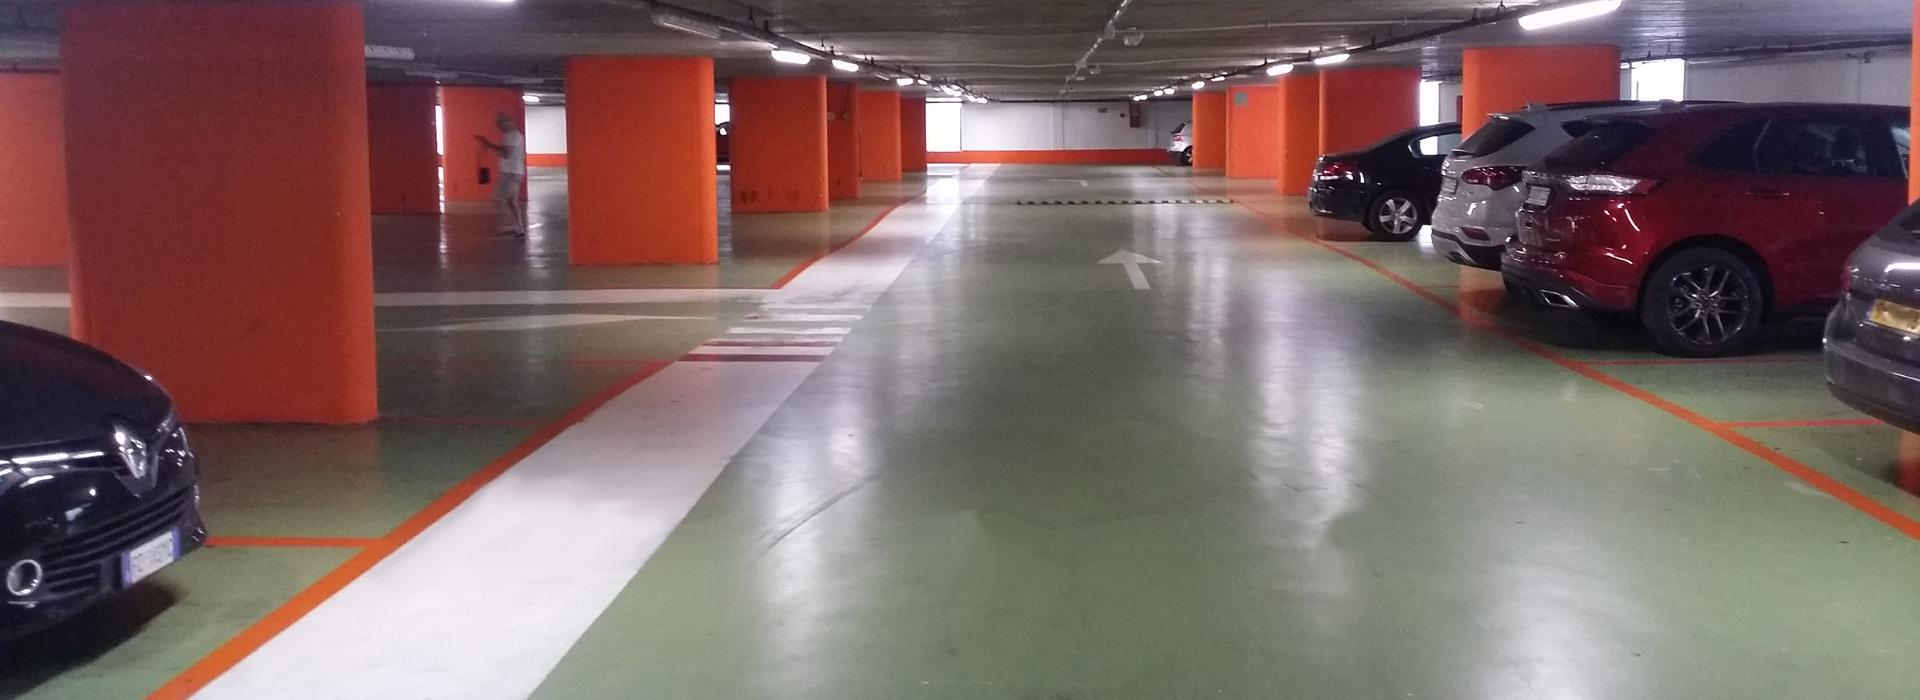 Tag: <span>verniciatura pavimenti resina</span>